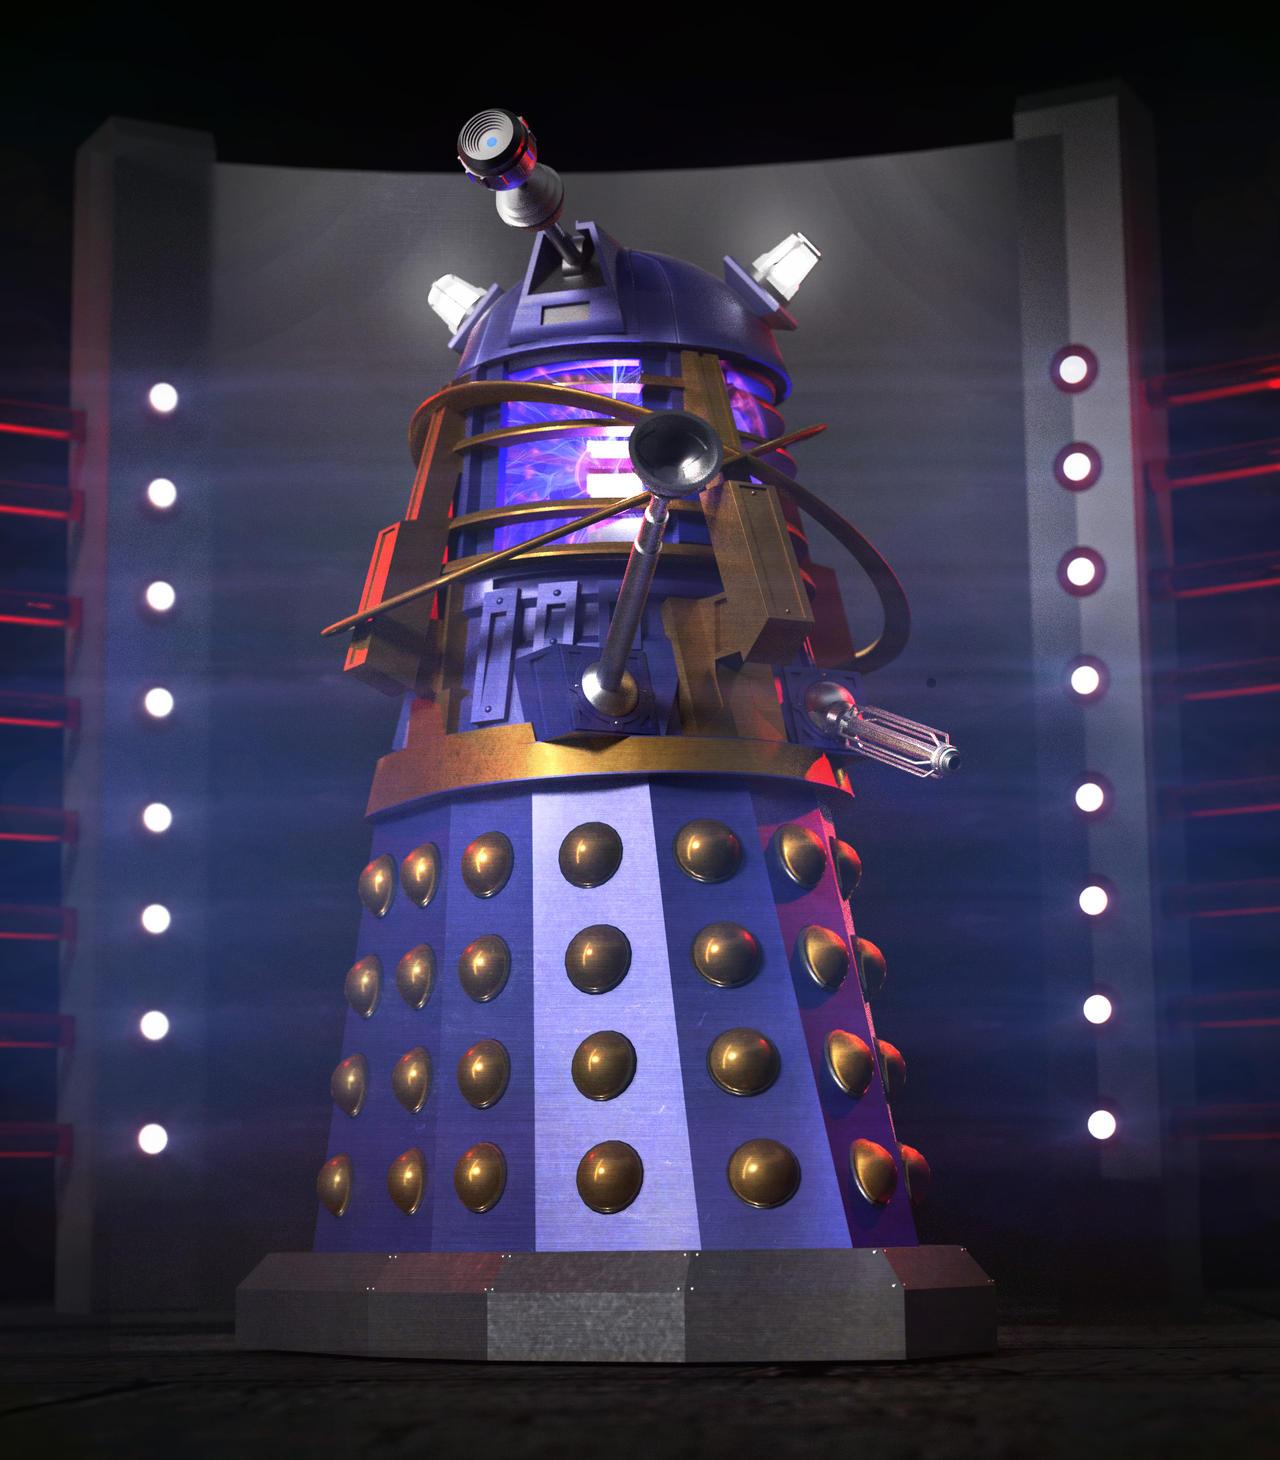 Dalek Time Strategist